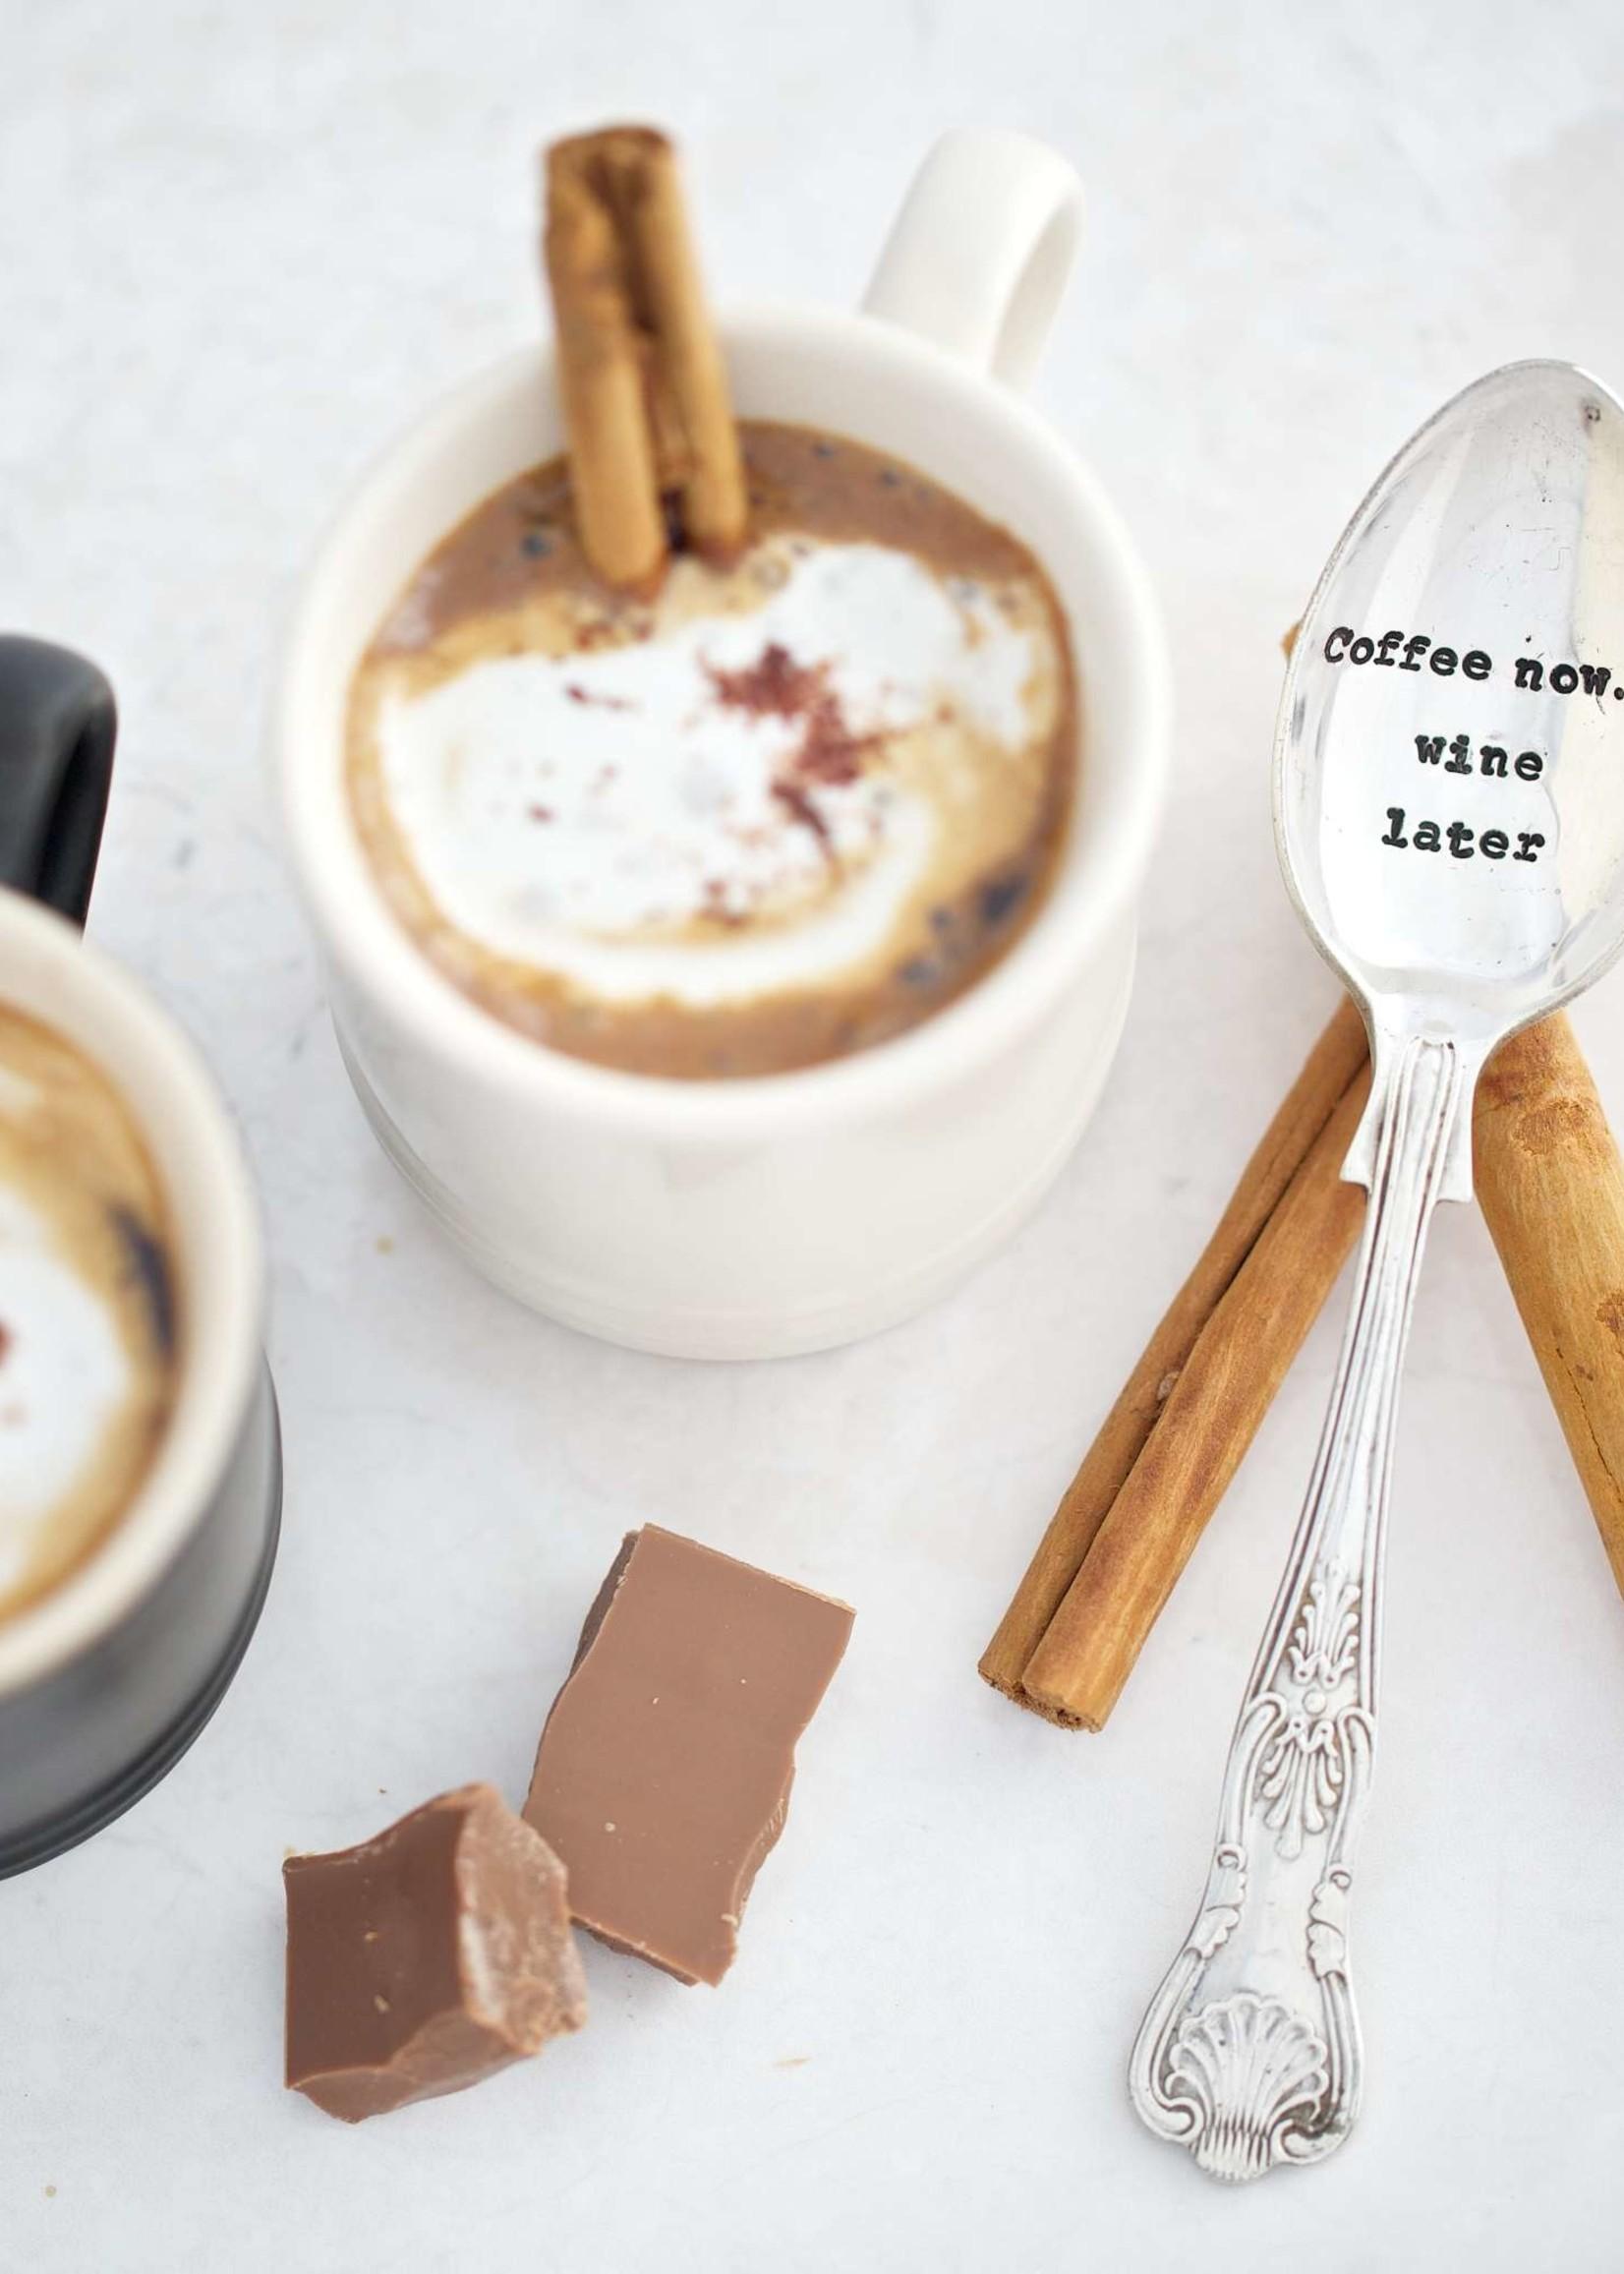 LA DE DA! Thee lepeltje COFFE NOW WINE LATER